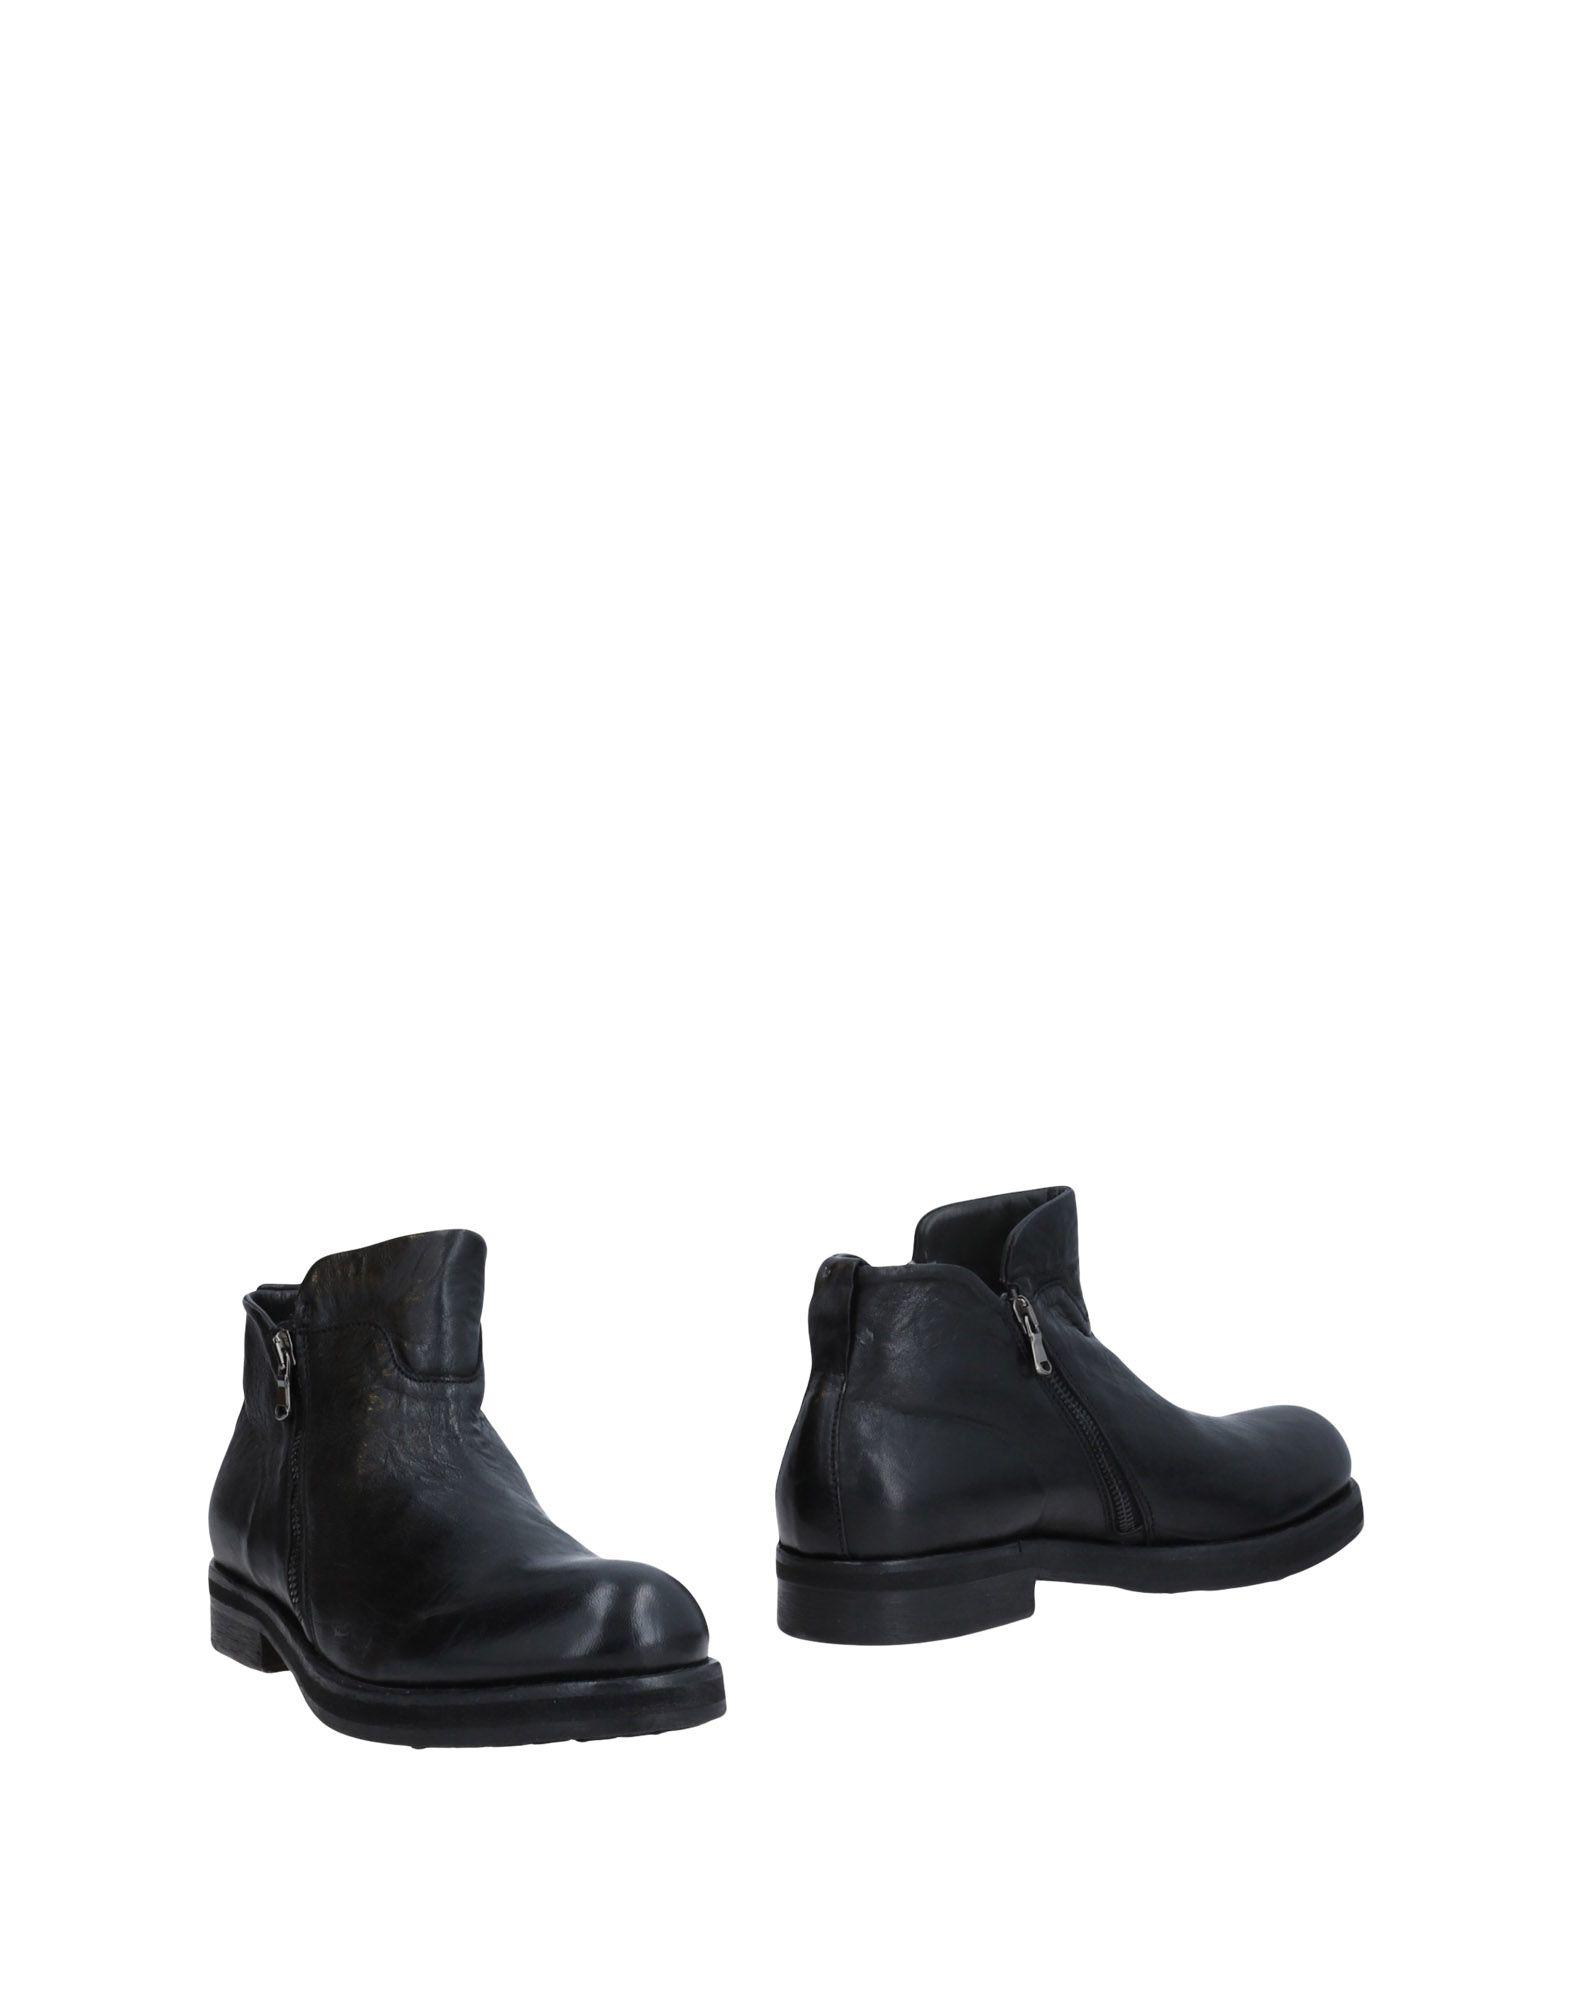 Pawelk's Stiefelette Herren  11492431KL Gute Qualität beliebte Schuhe